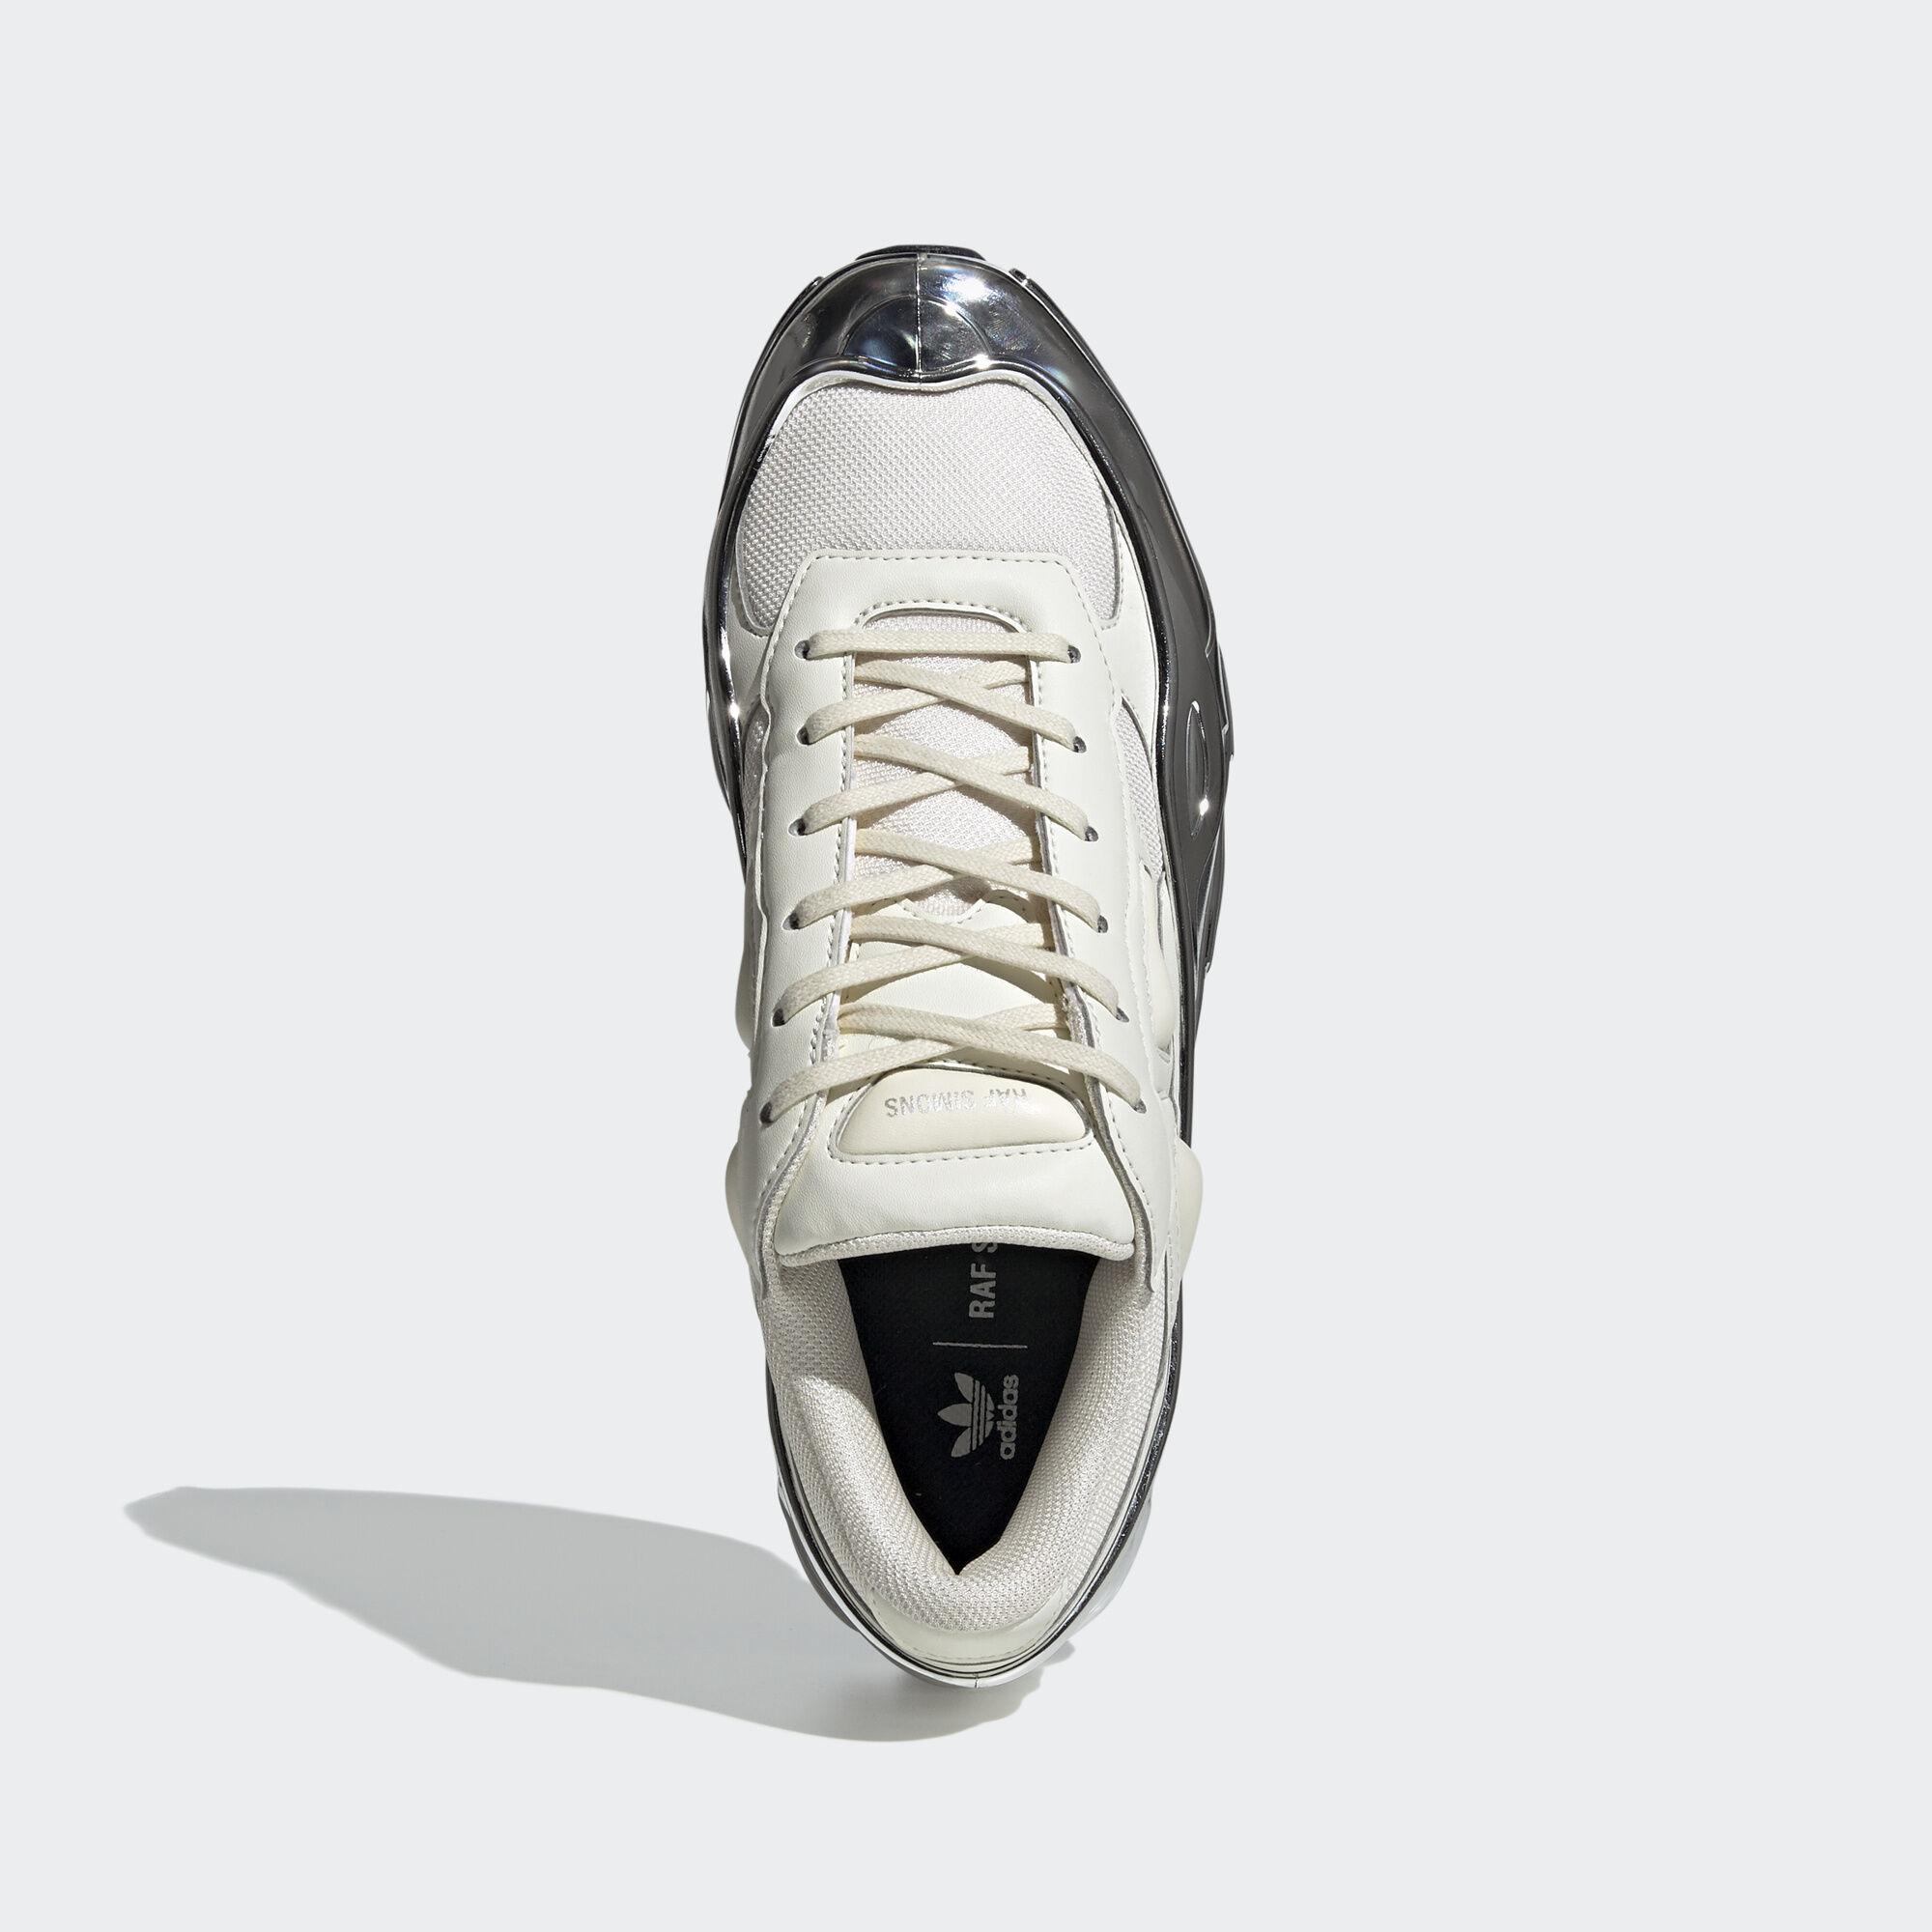 Adidas RS Ozweego Cream White / Silver Met. / Silver Met. (EE7945)